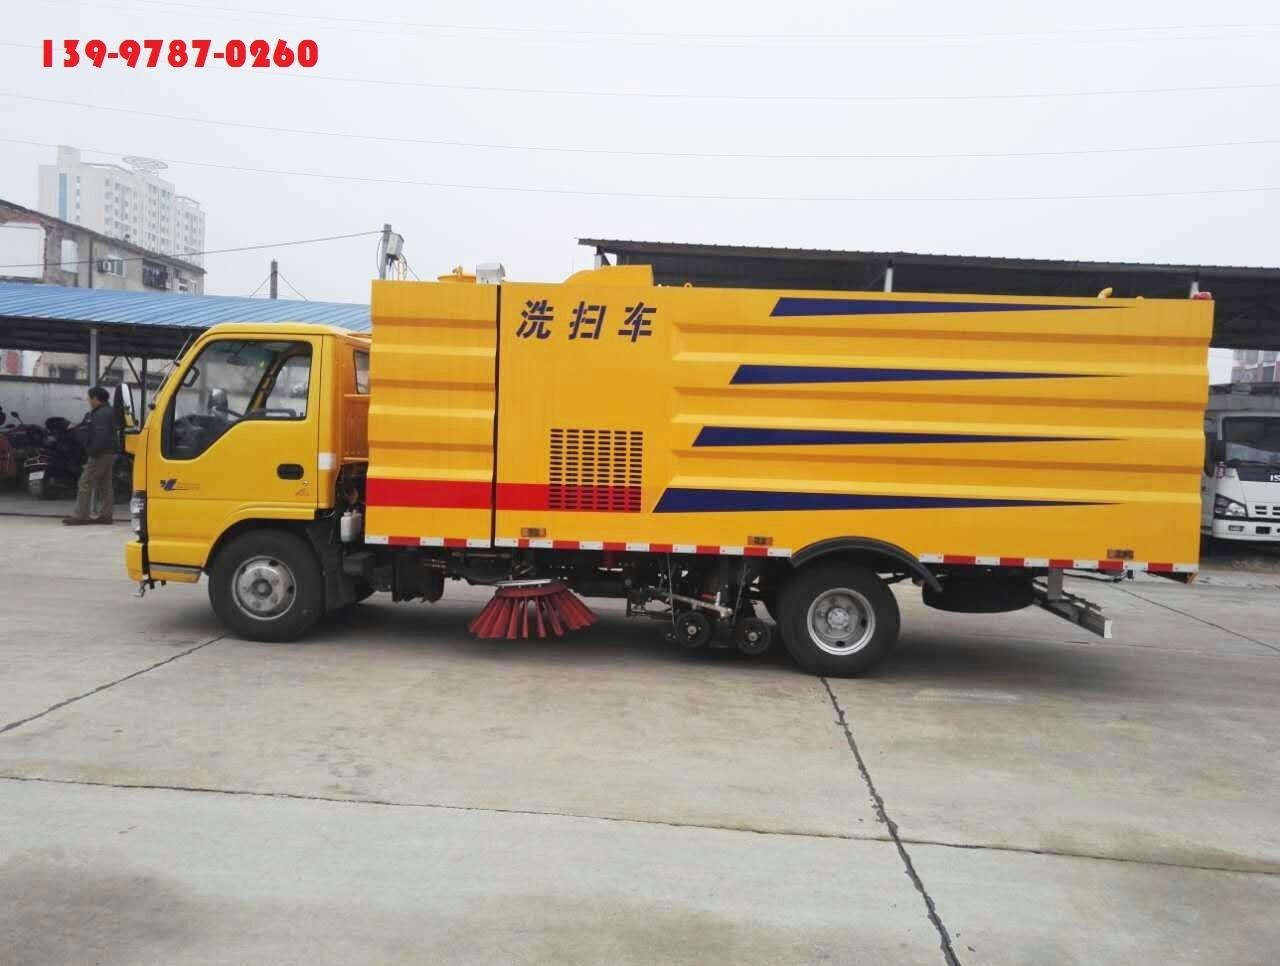 上海市政洗掃車價錢